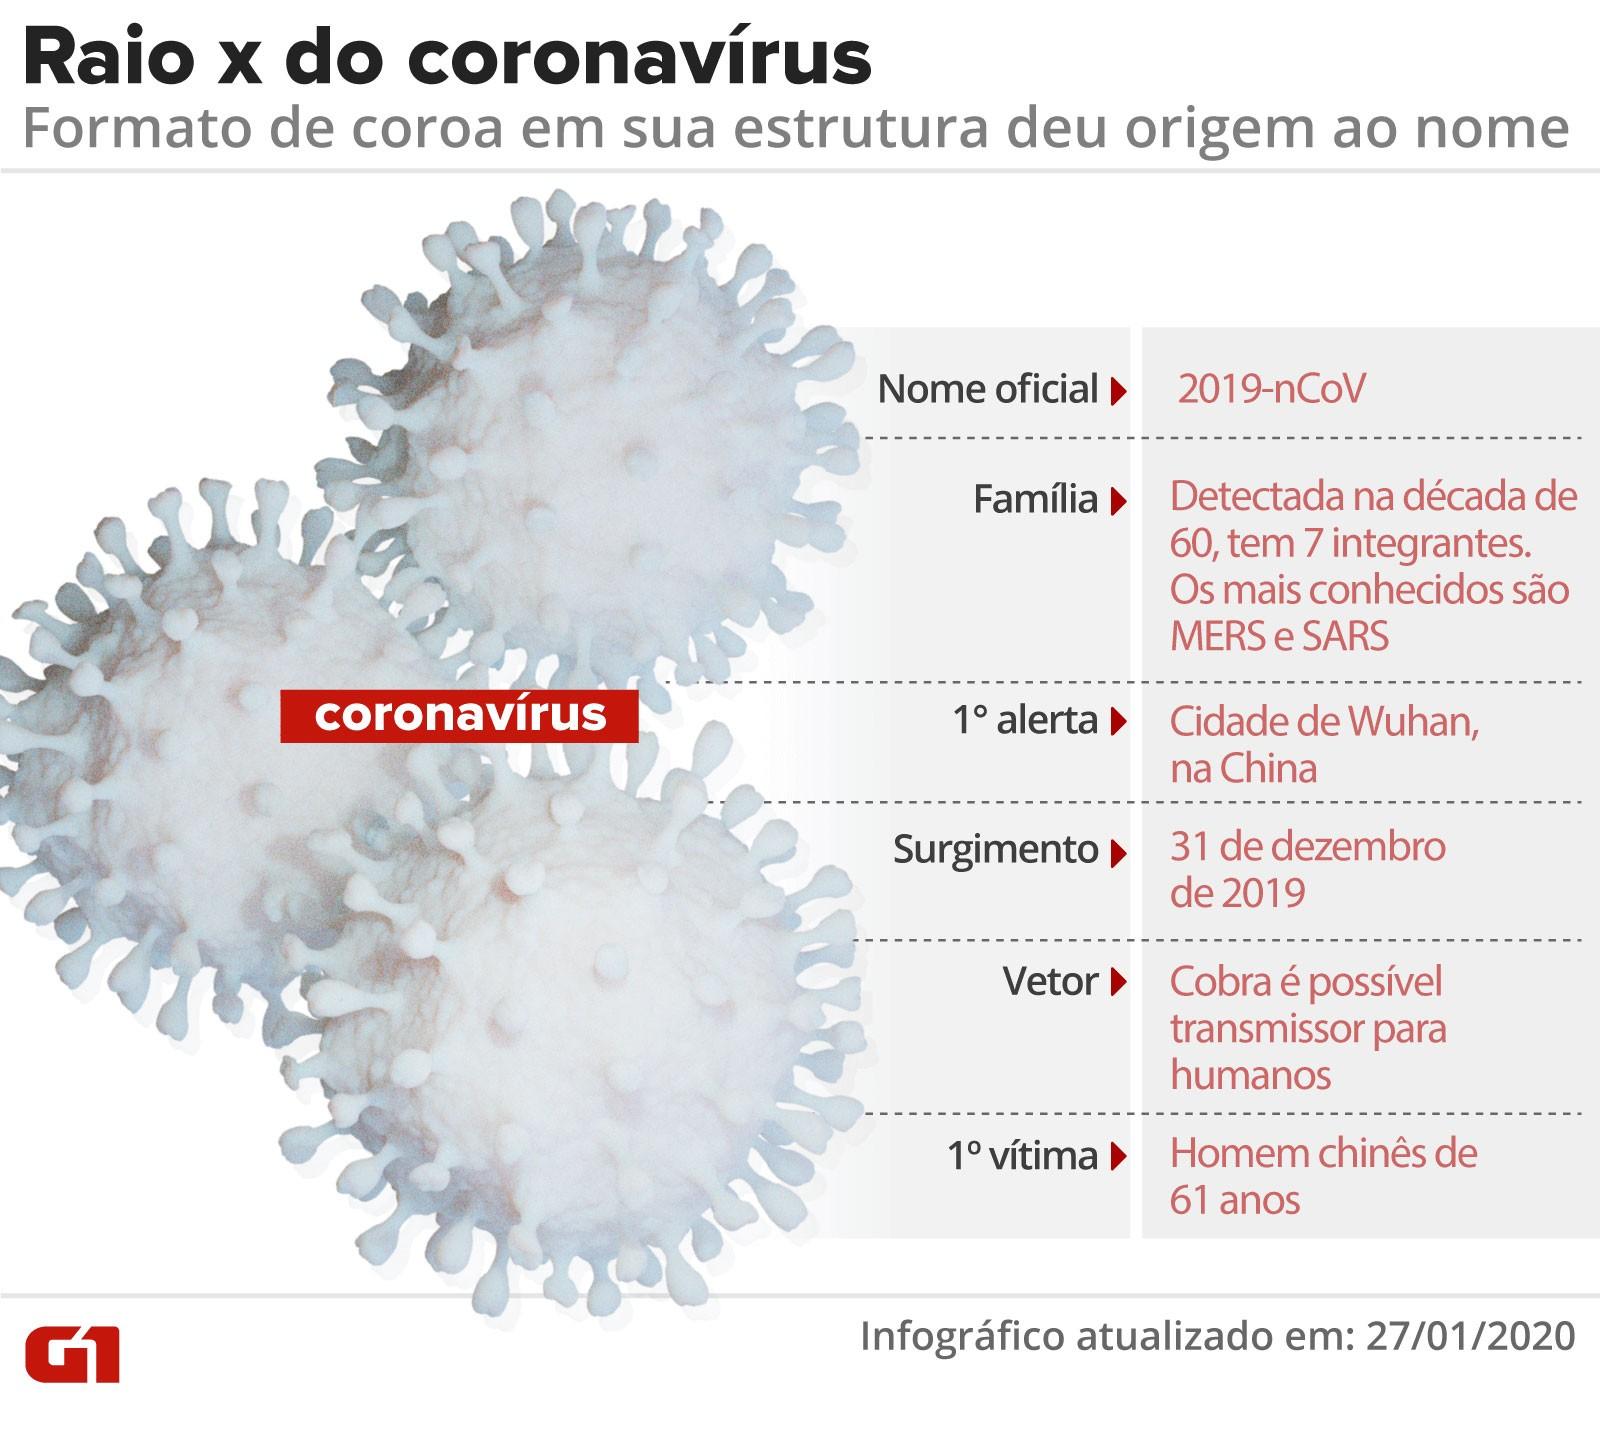 OMS diz que coronavírus já matou 1669 pessoas